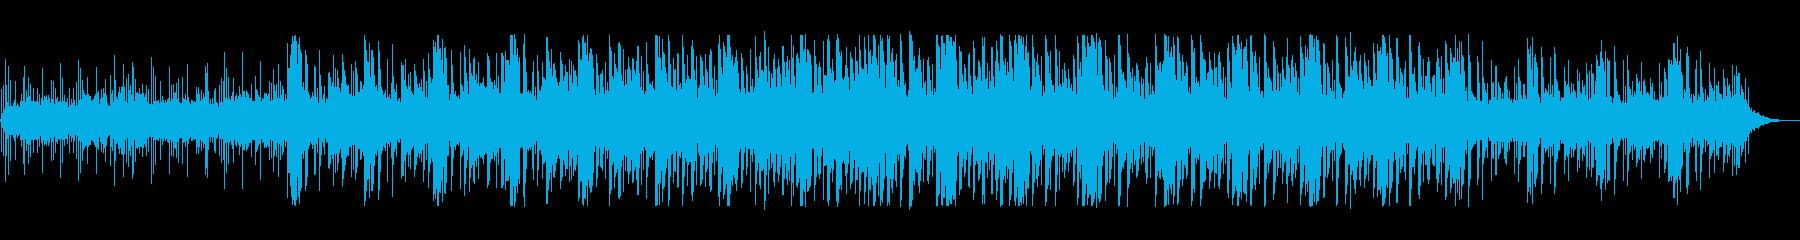 浮遊感あるかっこいい疾走感あるテクノの再生済みの波形